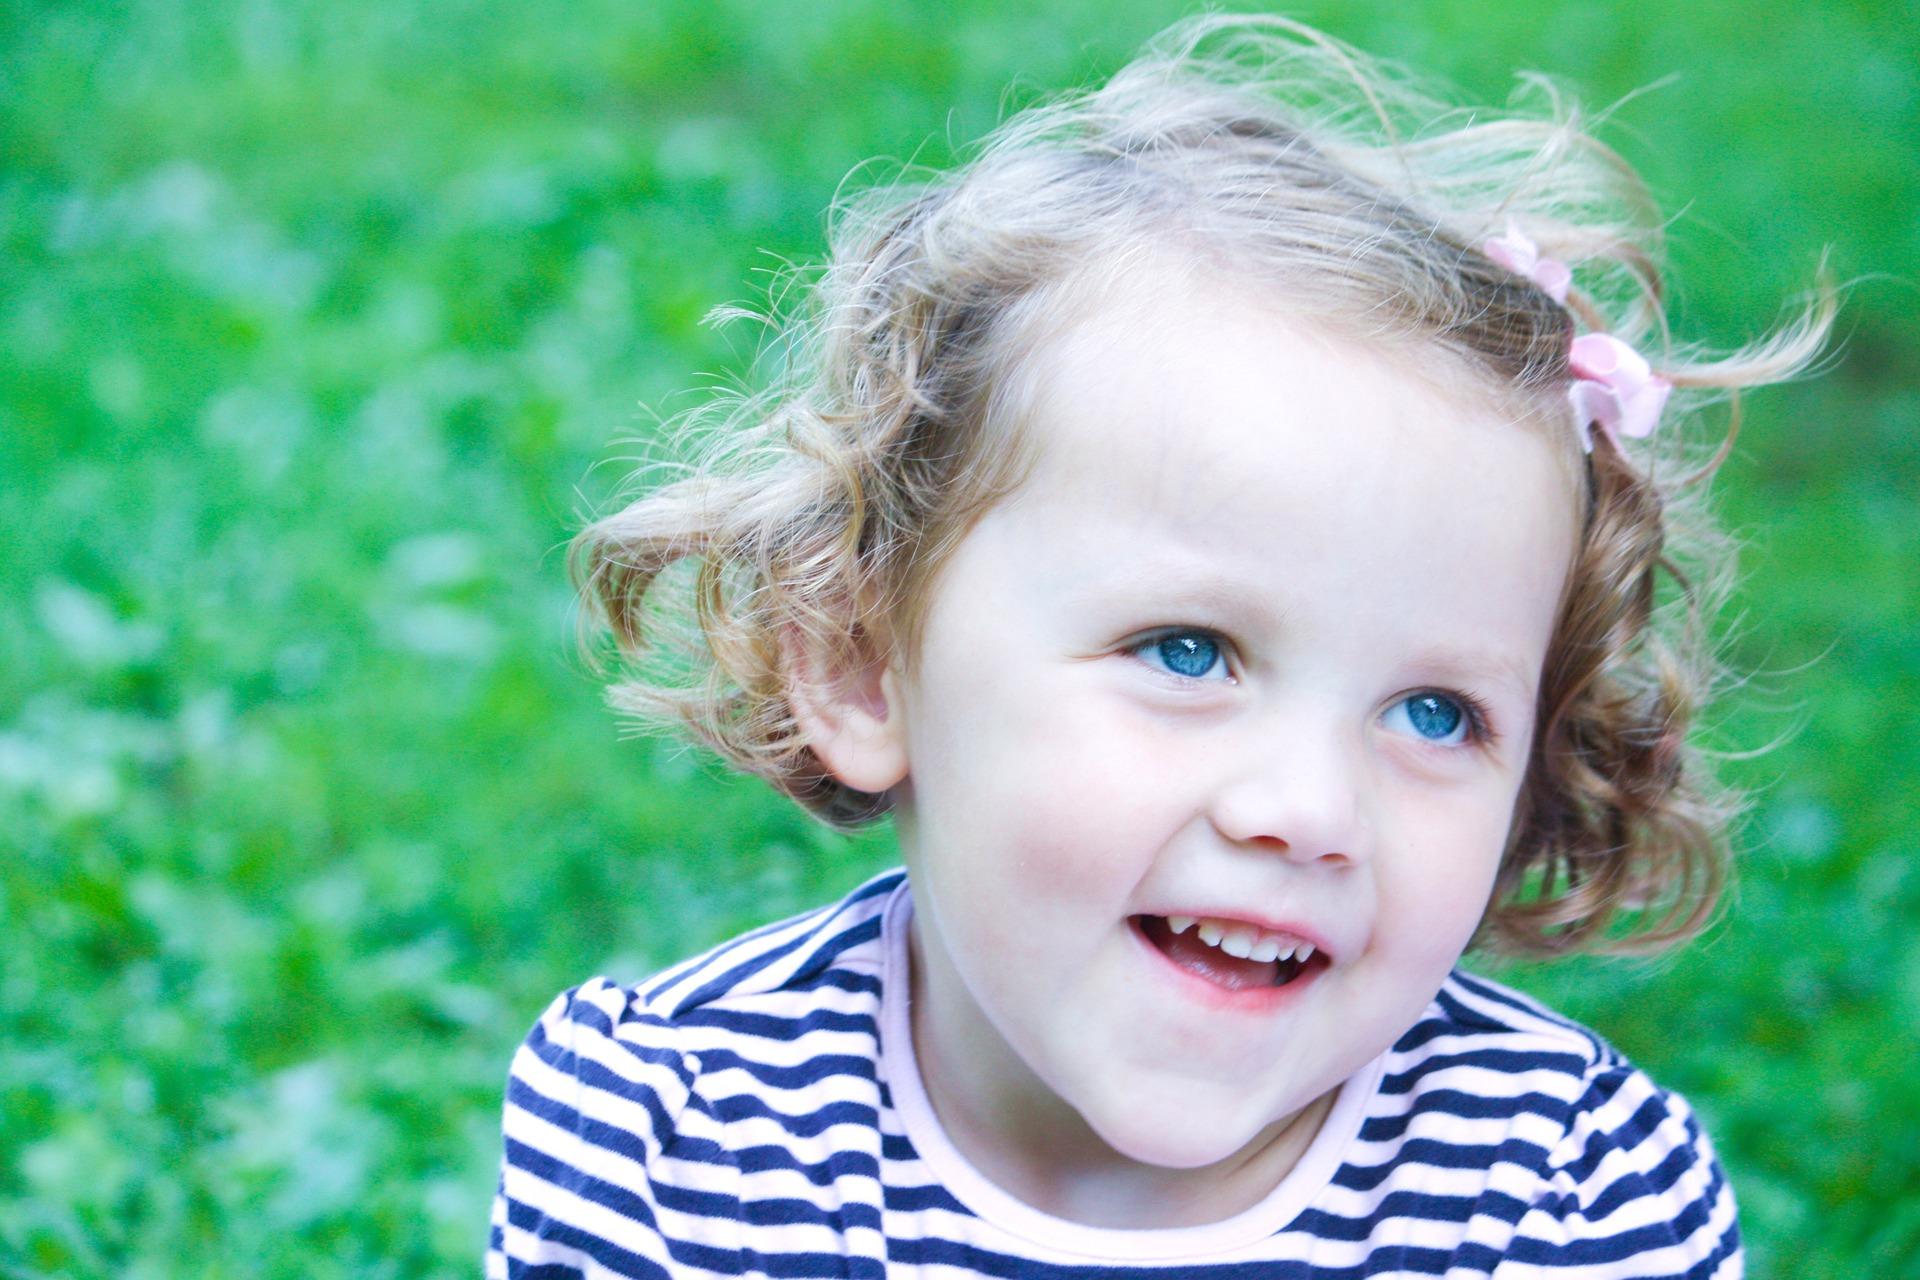 little-girl-1304923_1920